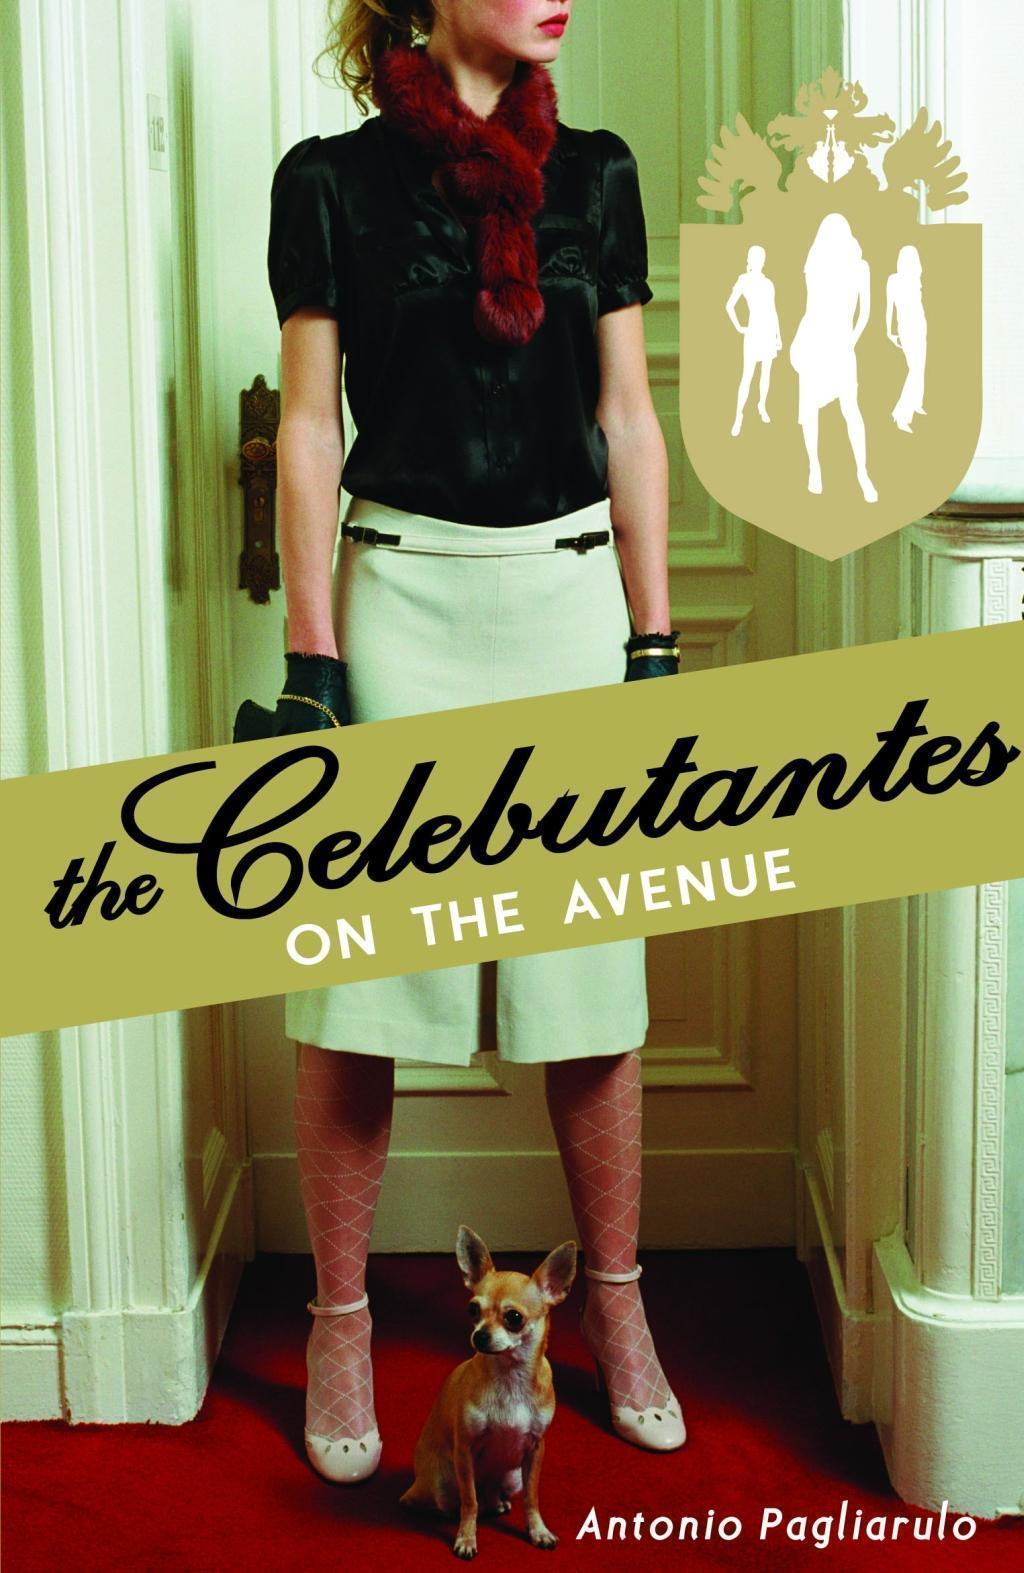 Celebutantes: On the Avenue